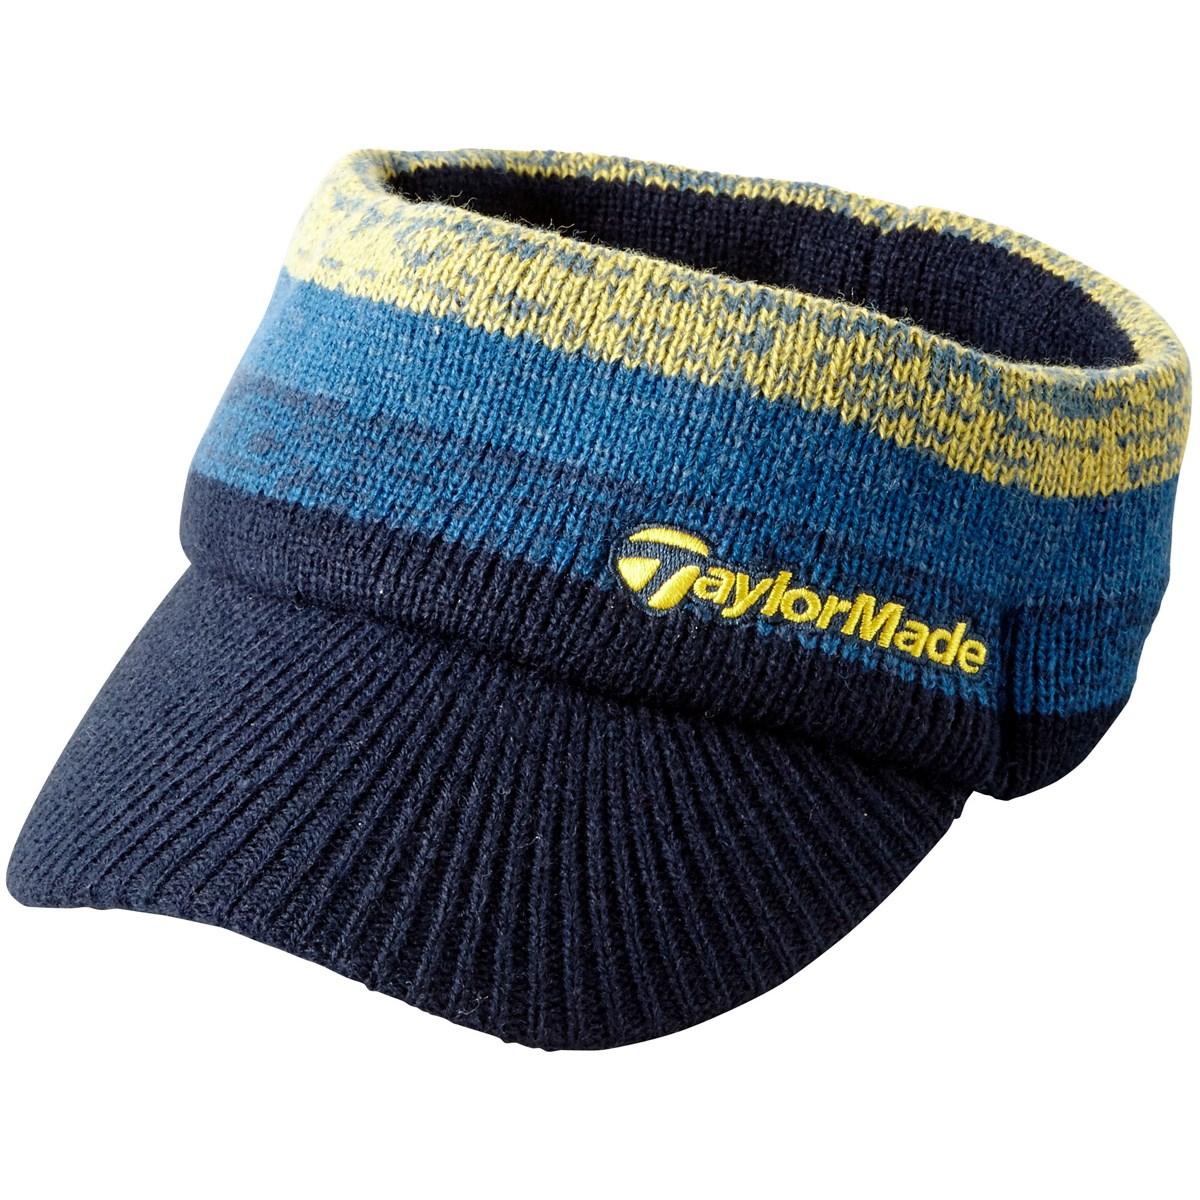 テーラーメイド(Taylor Made) ウィンター ベーシック サンバイザー